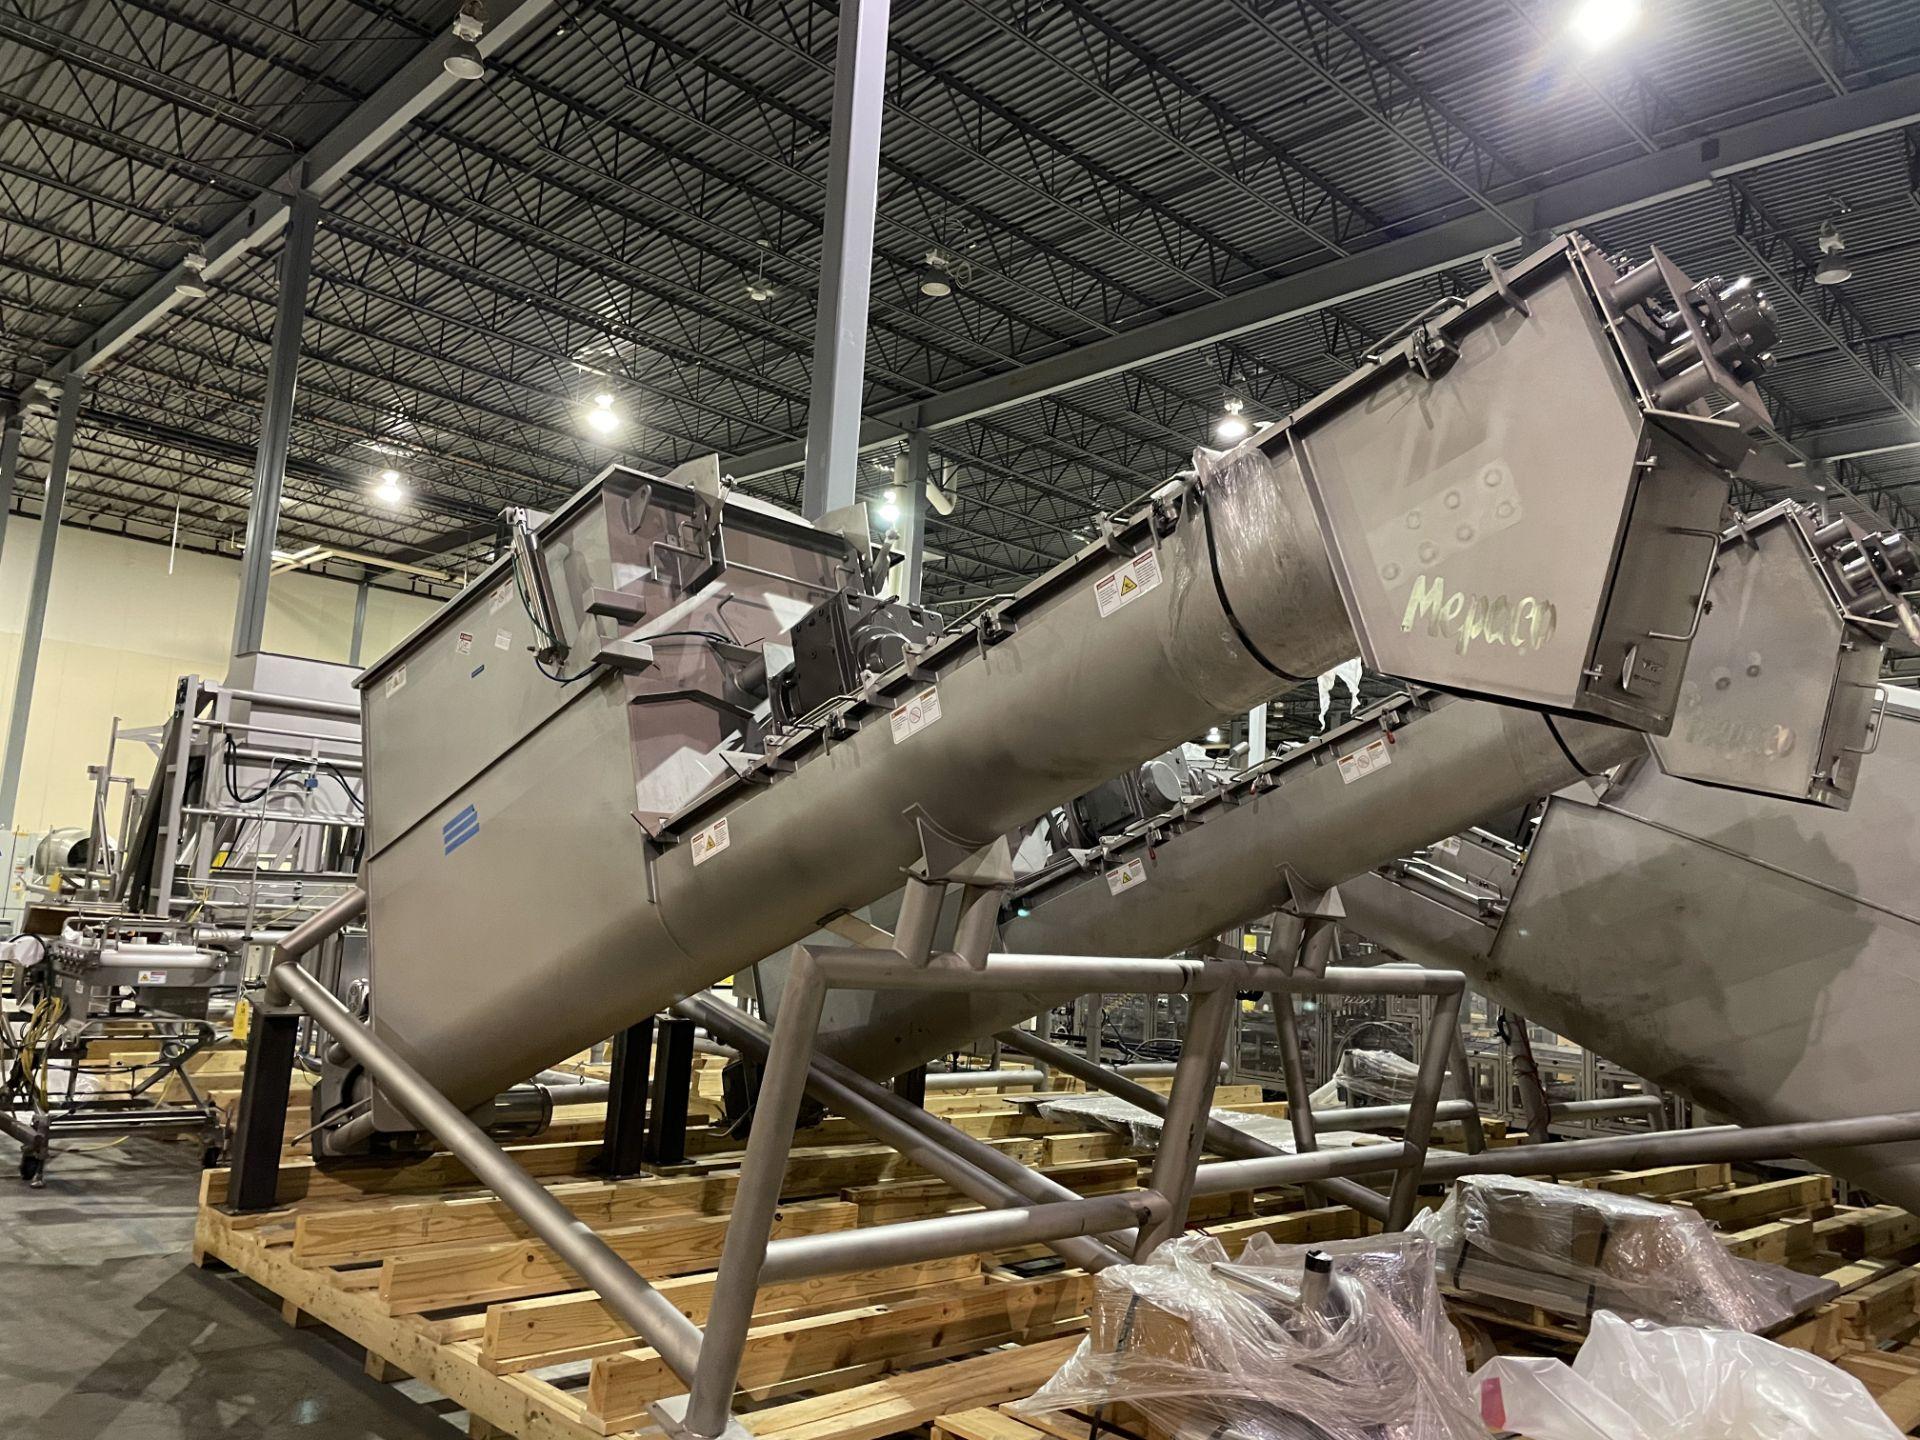 Mepaco Surge Unloader/Dumper Model T4000 S/N M12458-2, 6154-1 Loading/Rigging Fee $750 - Image 4 of 5